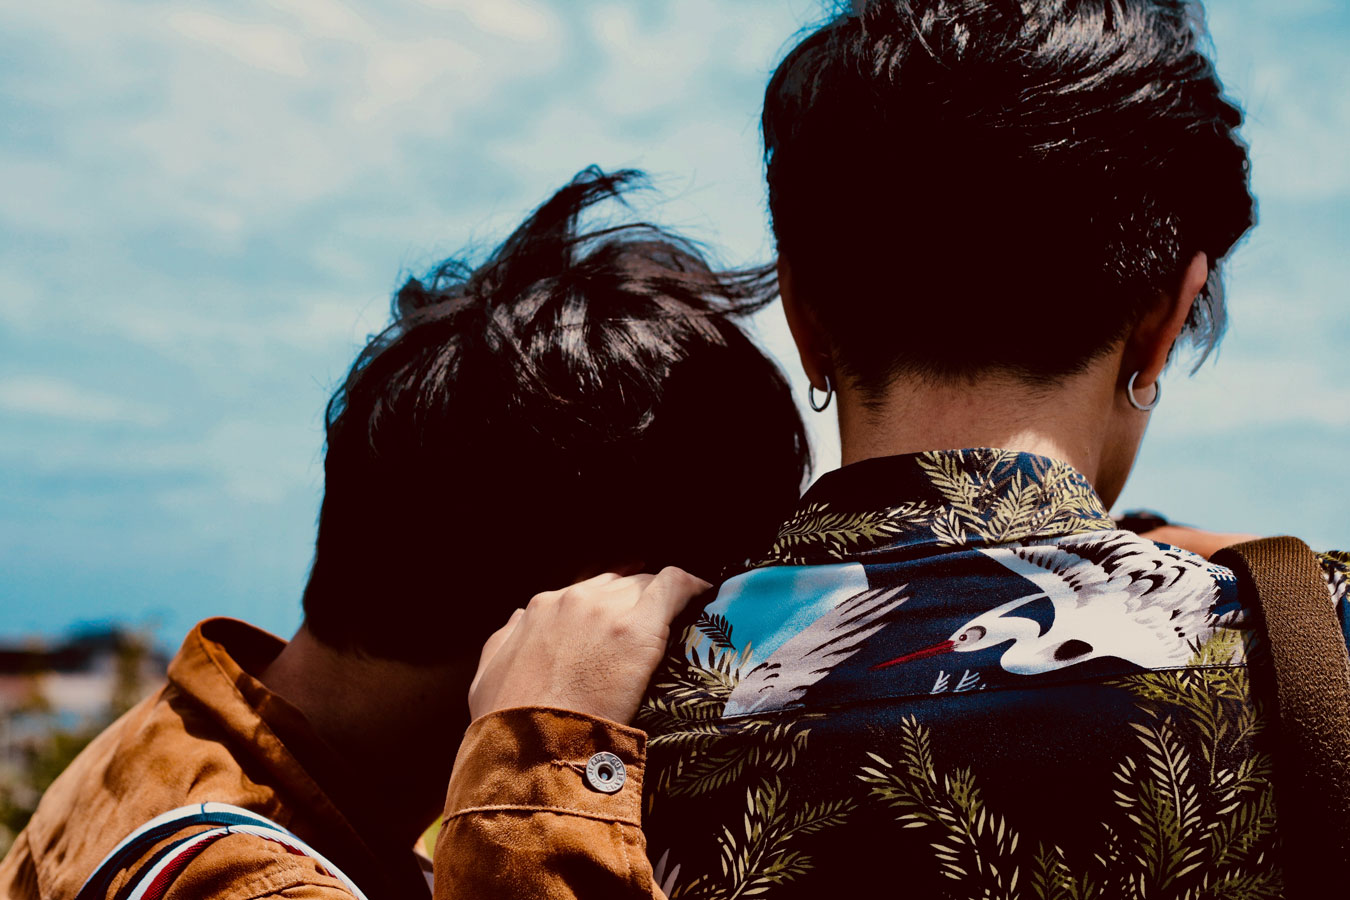 beziehungsunfähig paar millenials generation z gay love schwul zwei männer